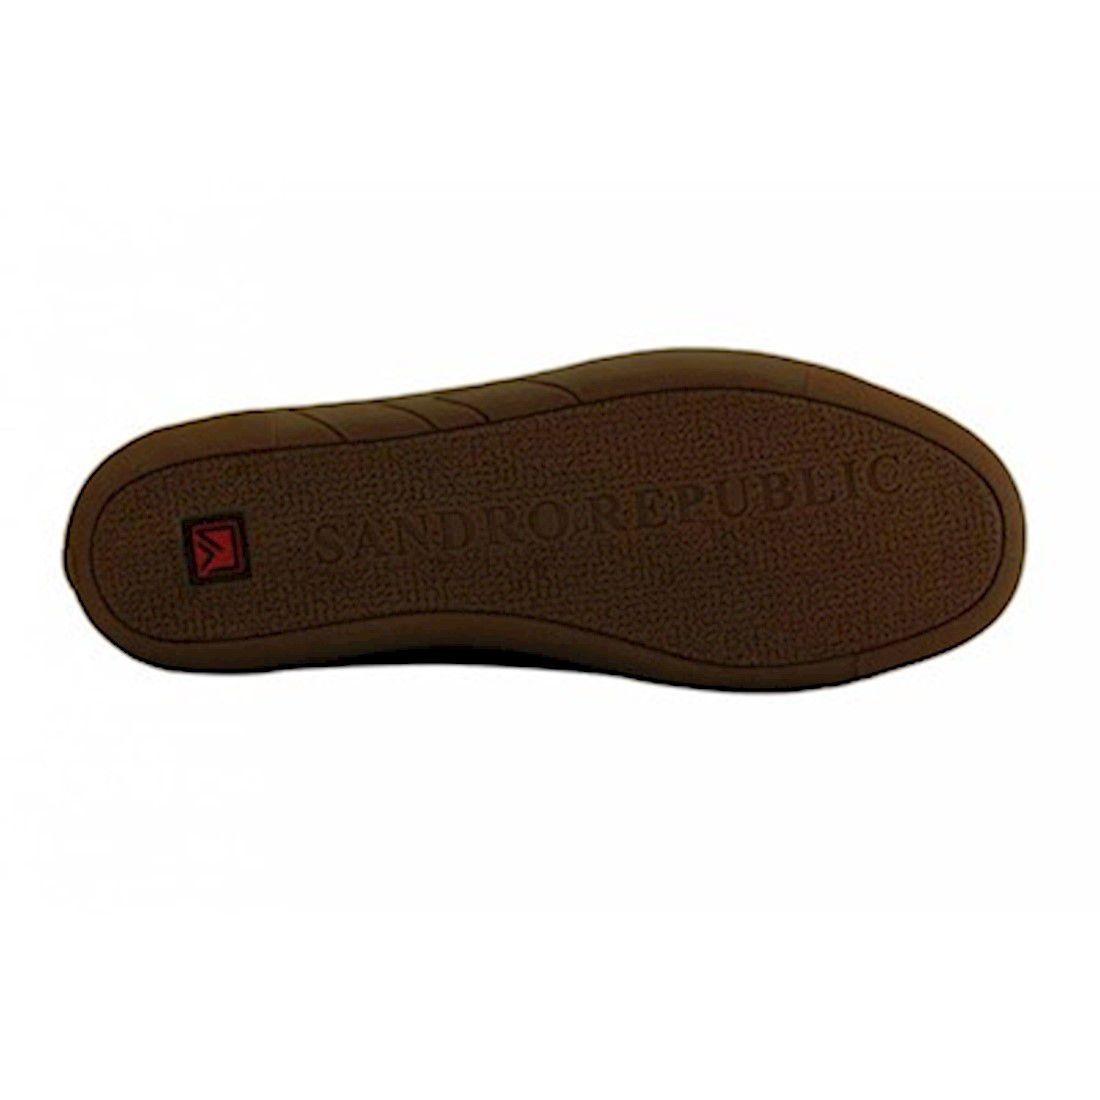 2d1568a2da Sapatênis para pés largos masculino sandro moscoloni busch marrom (yankeers)  brown R  192